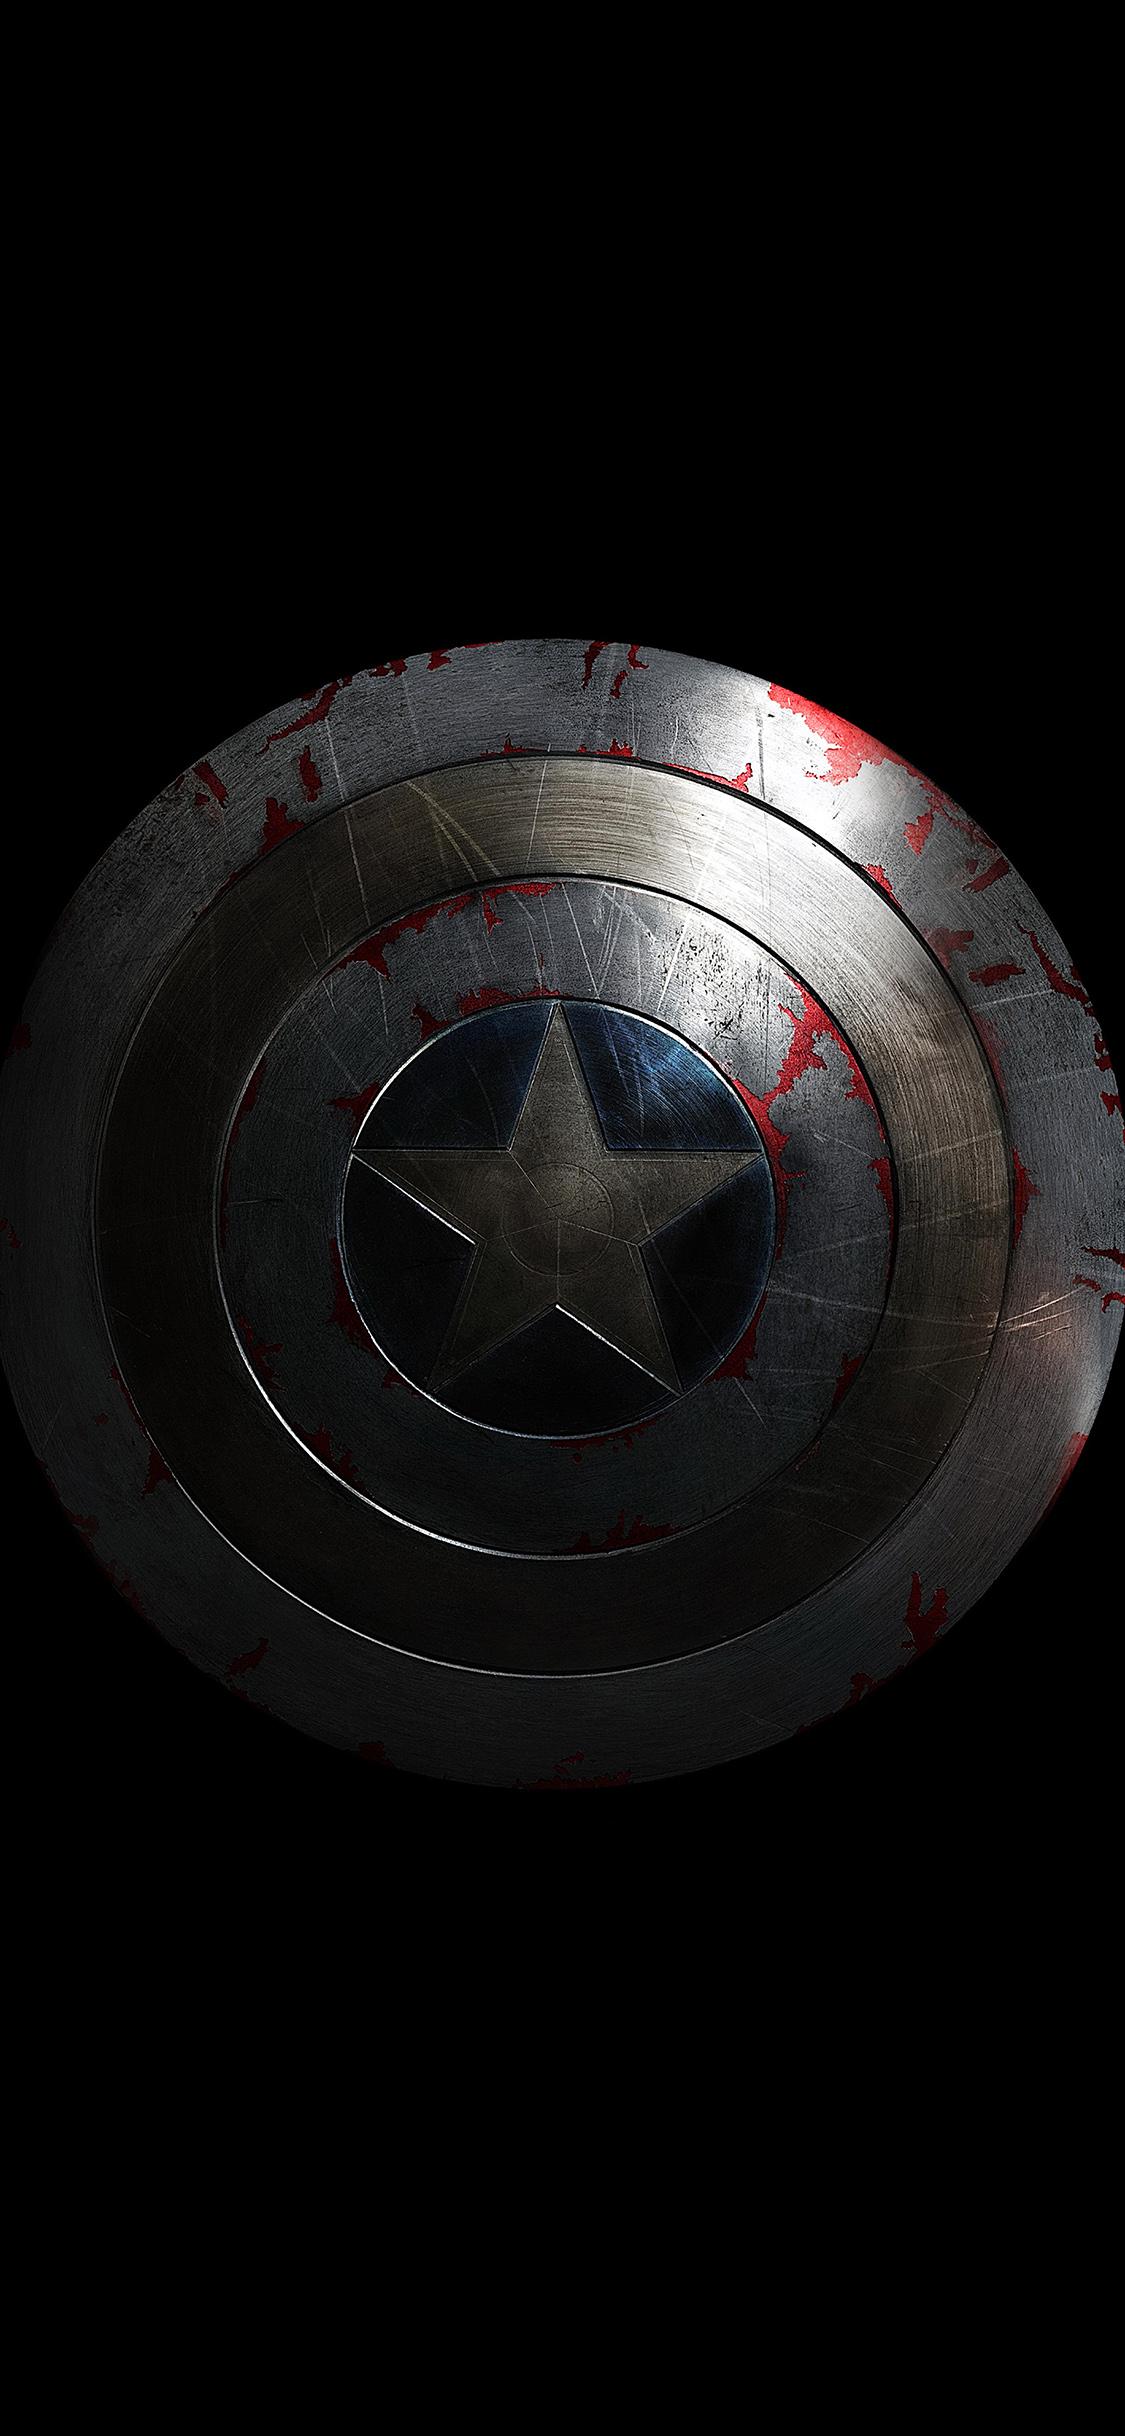 Iphonexpapers Com Iphone X Wallpaper Al85 Captain America